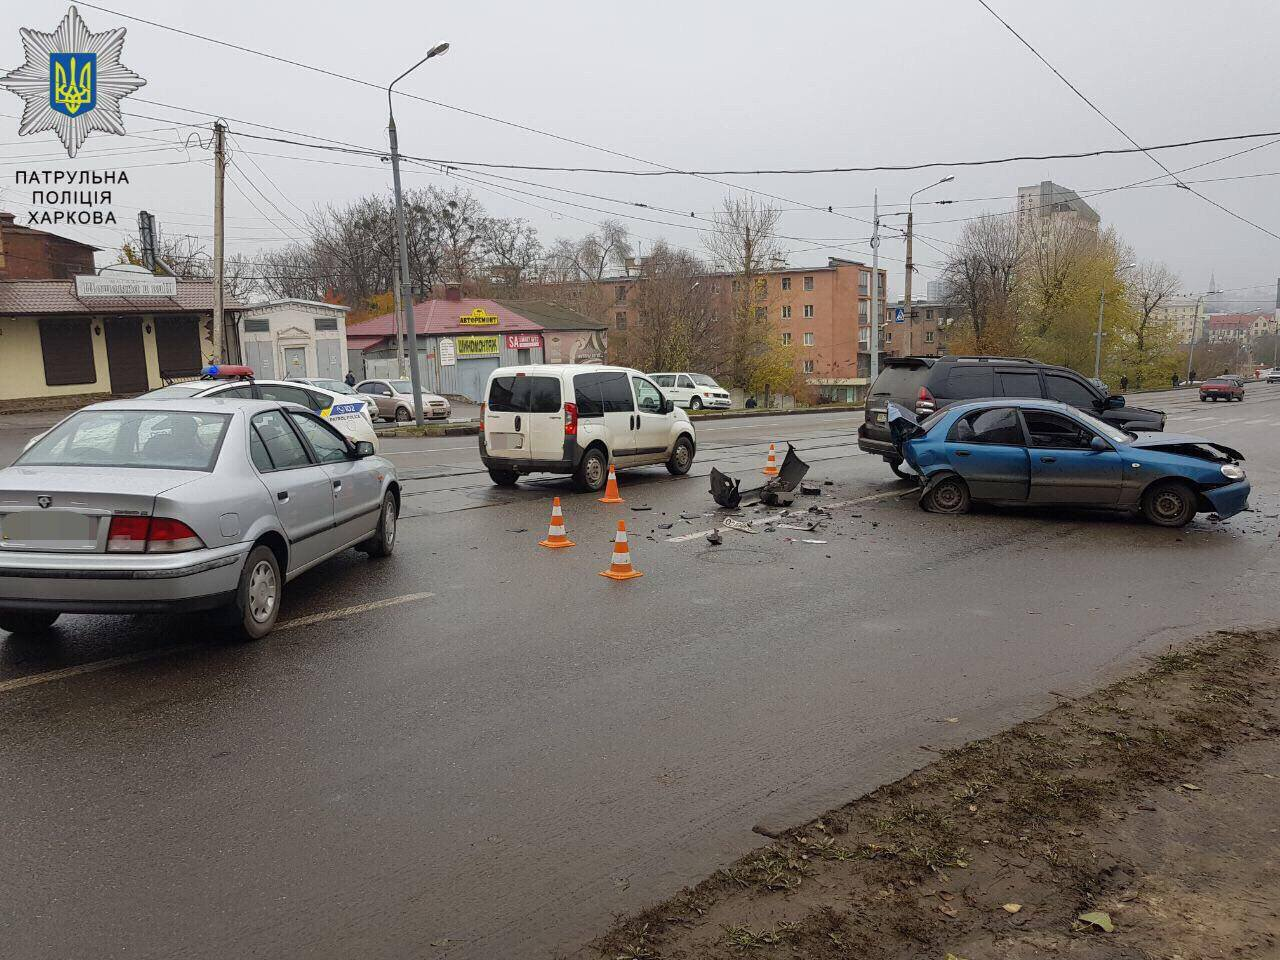 https://gx.net.ua/news_images/1510319159.jpg